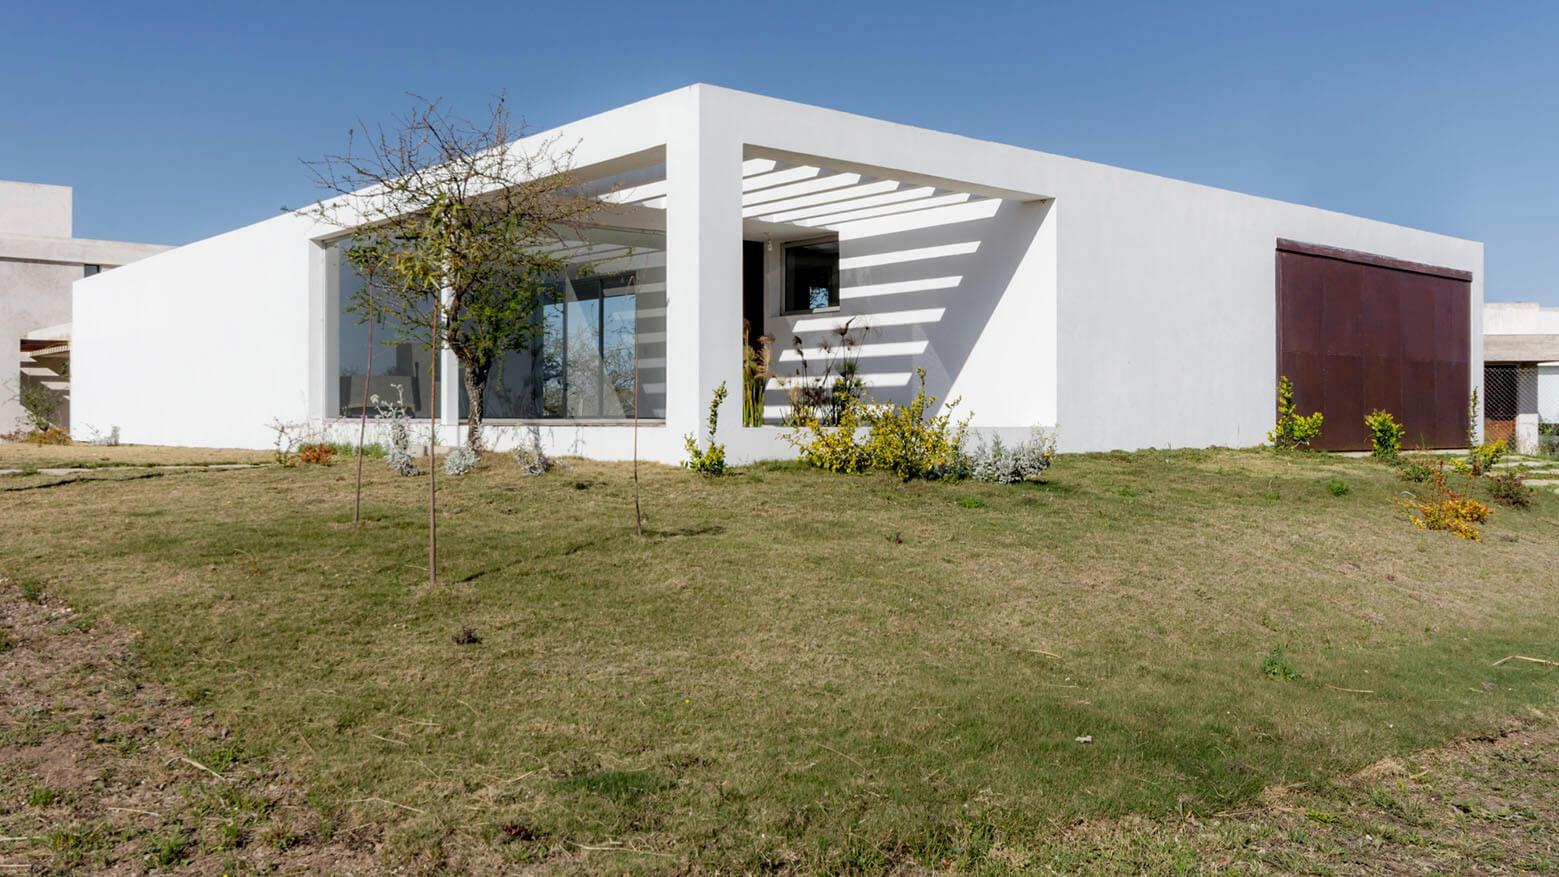 خانه مدرن و زیبا مناسب زندگی خانوادگی و دور از شلوغی در آرژانتین + تصاویر